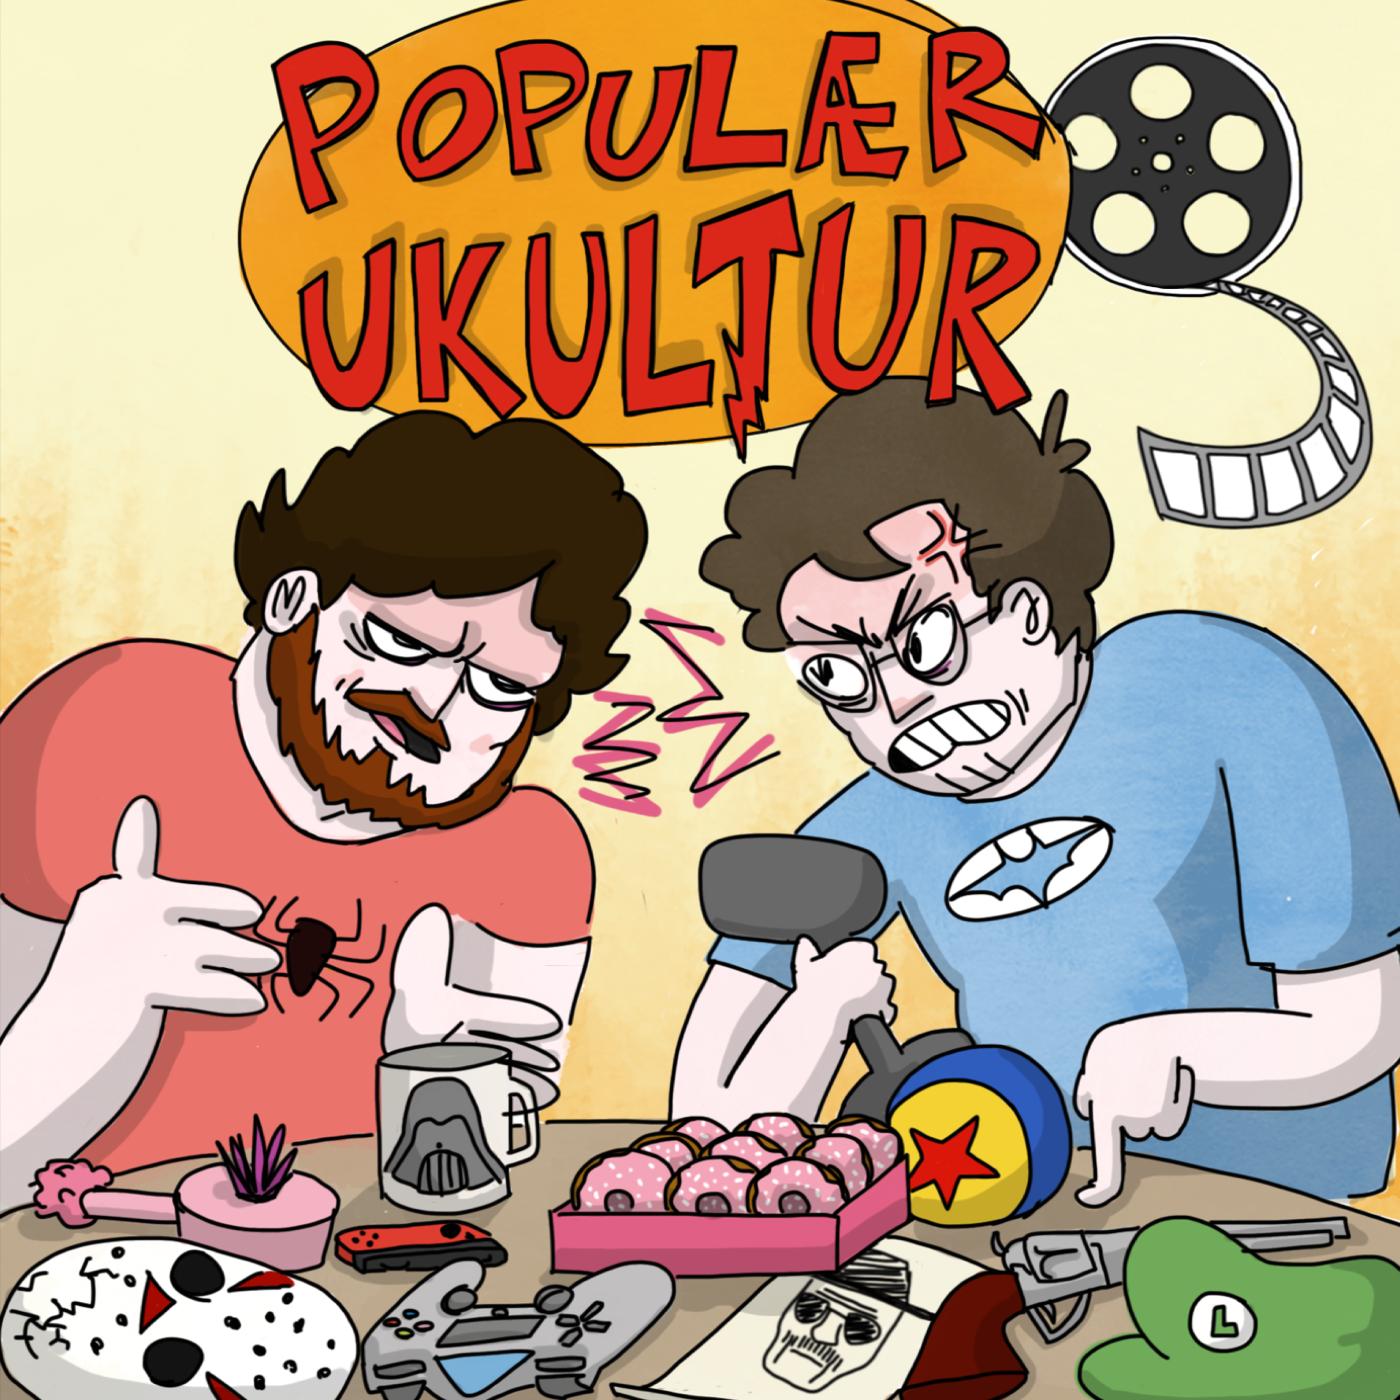 Populær Ukultur